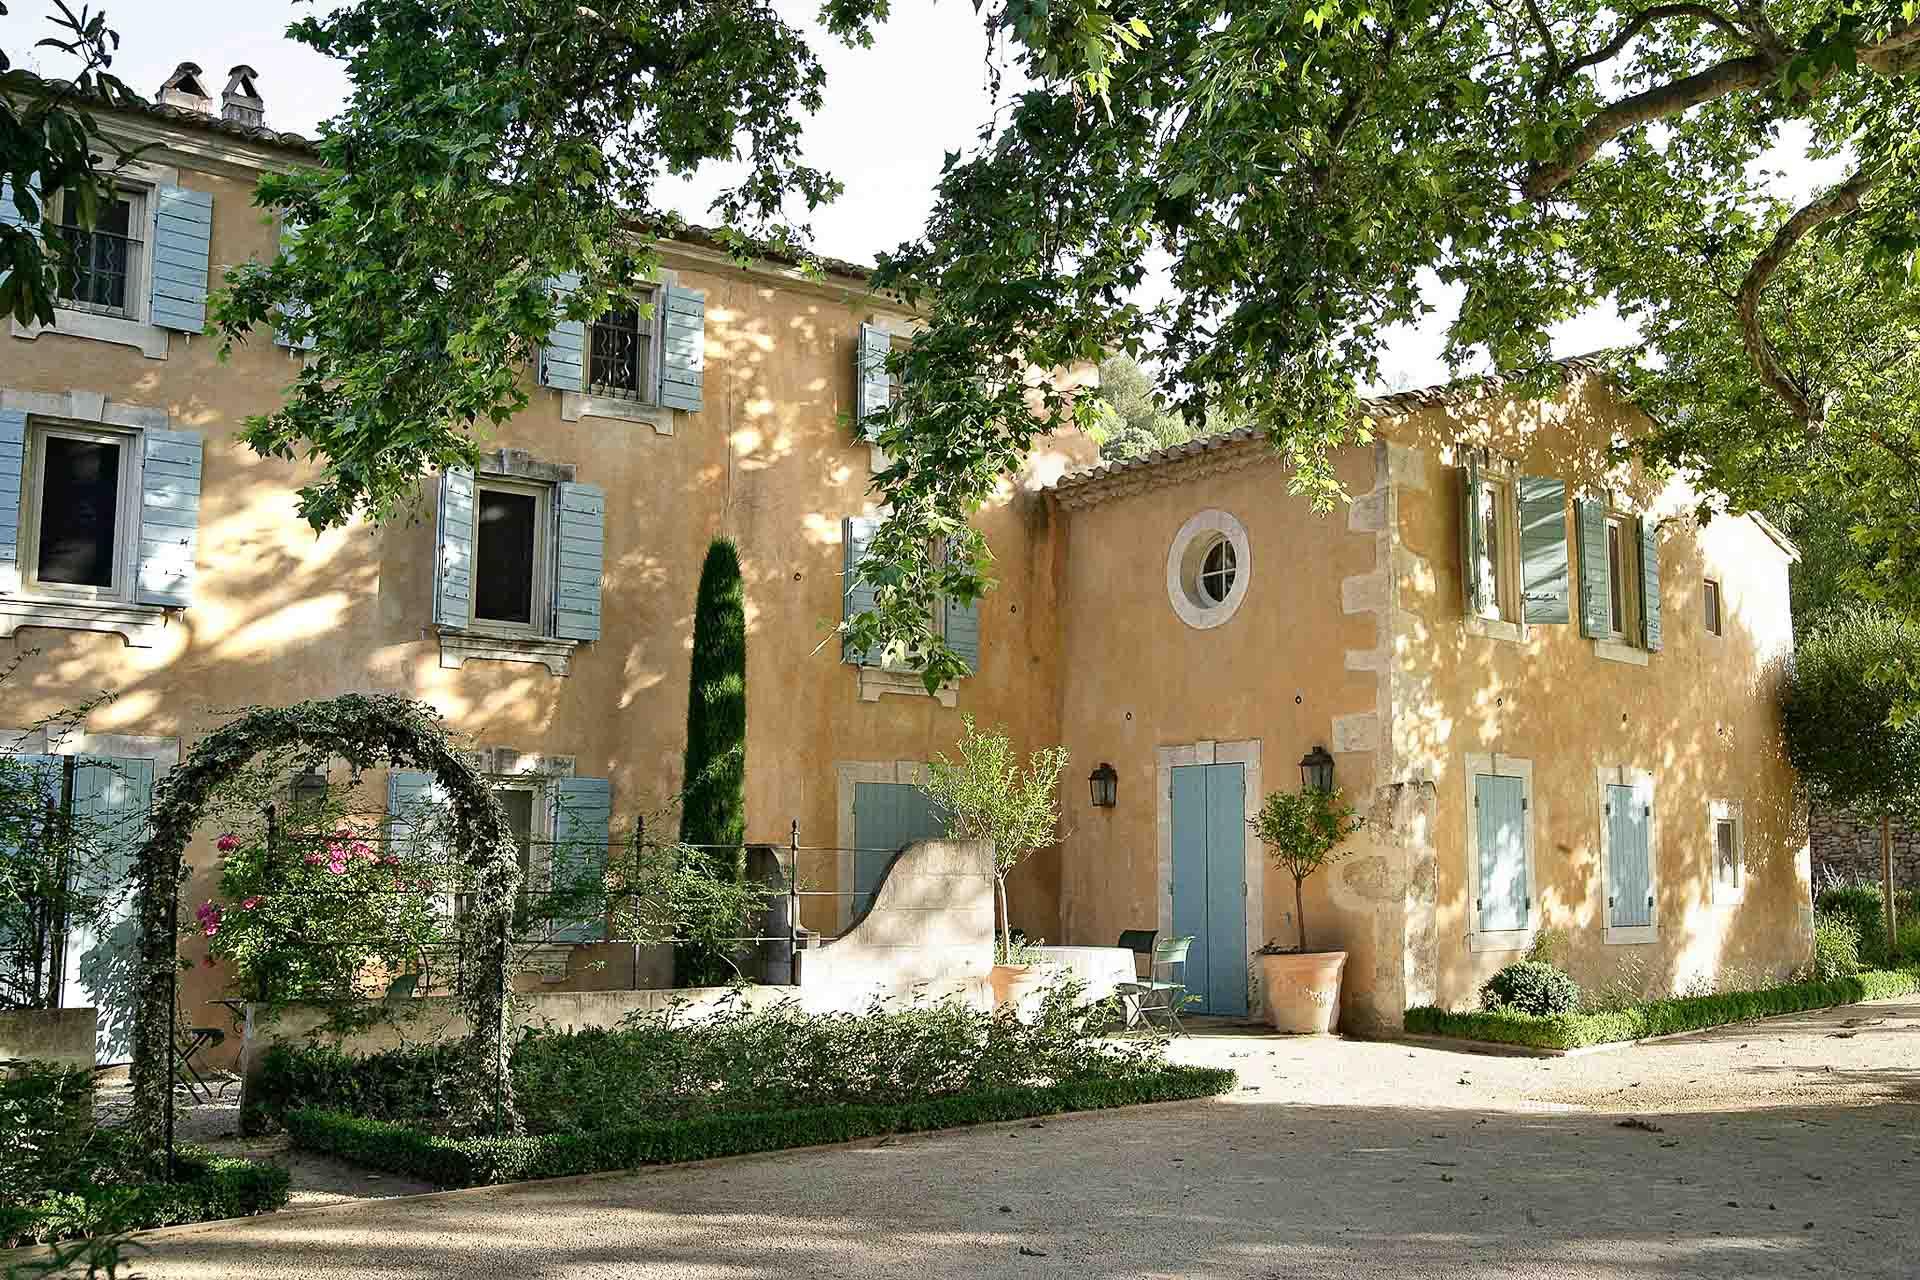 Le charme d'une placette de village typiquement provençale. © L. Parrault